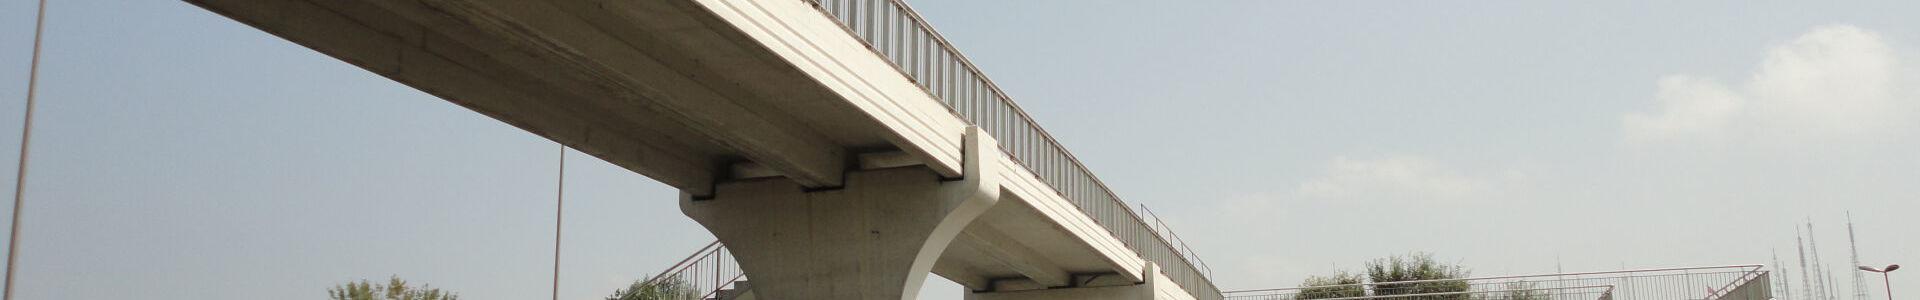 Metrobus Pedestrian Bridge